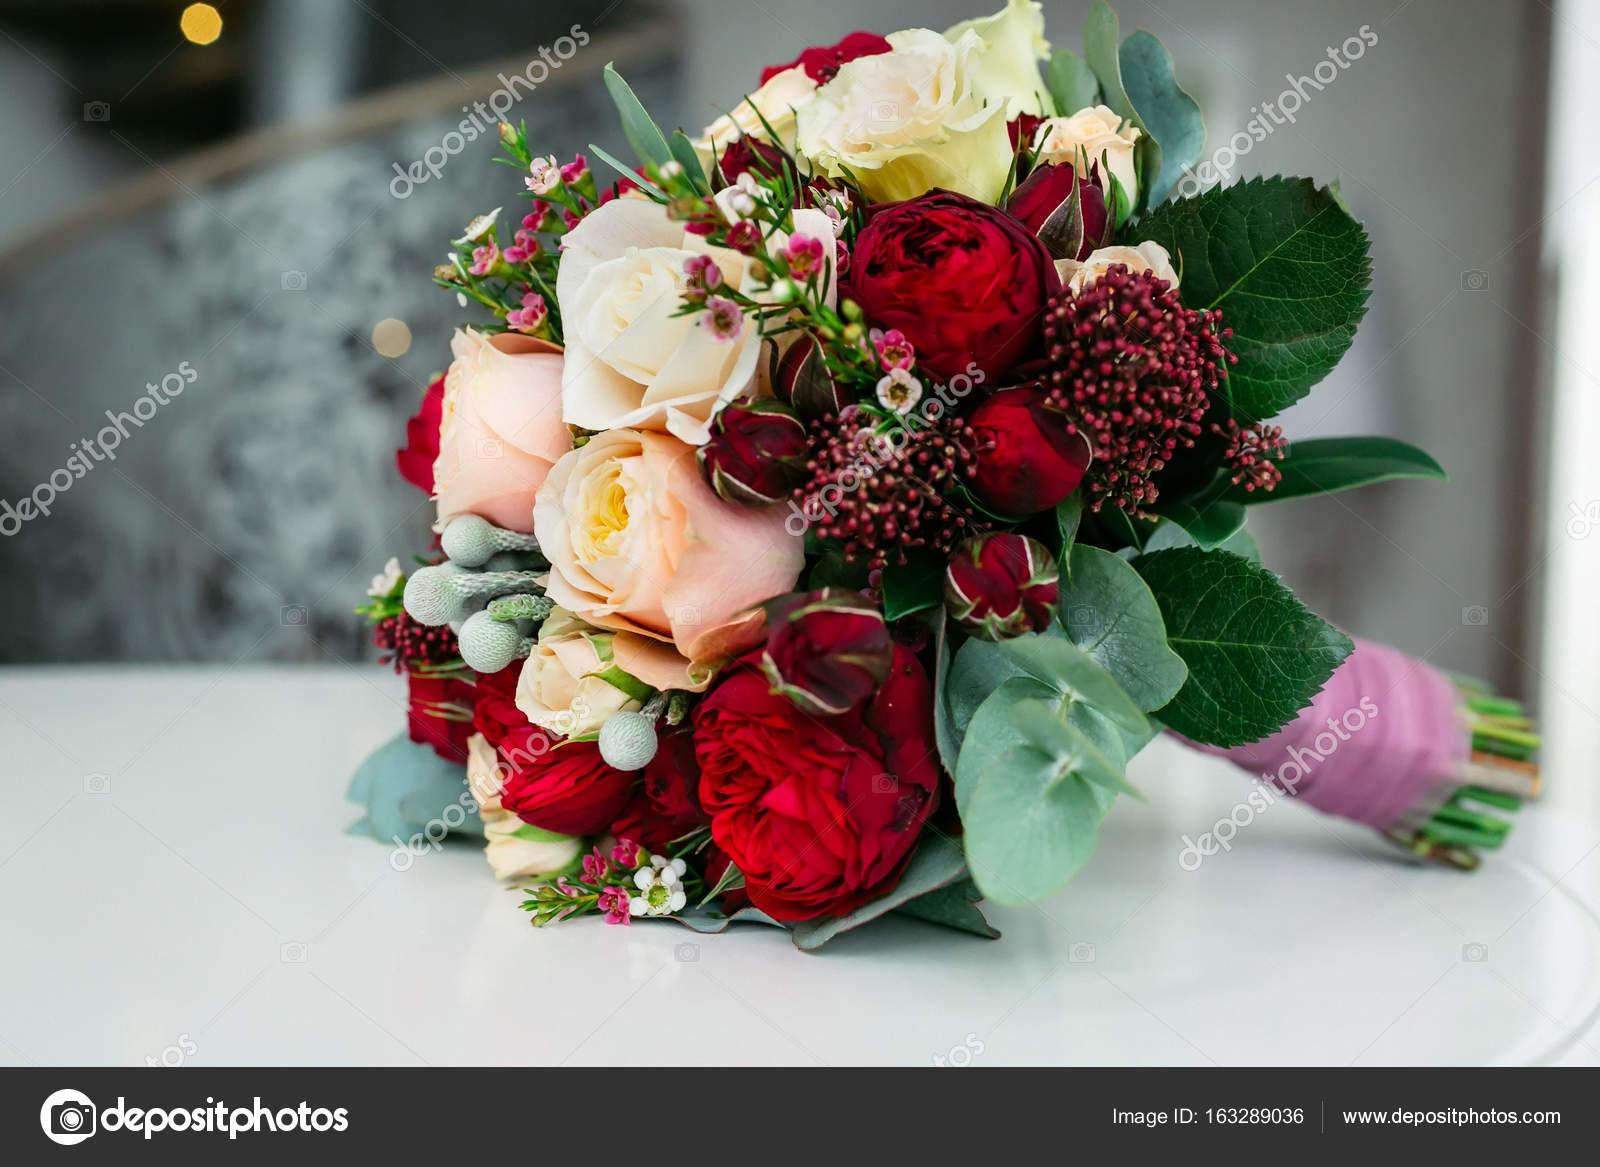 Imágenes Rosas Blancas Y Rojas Hermosas Hermoso Ramo De Novia Con